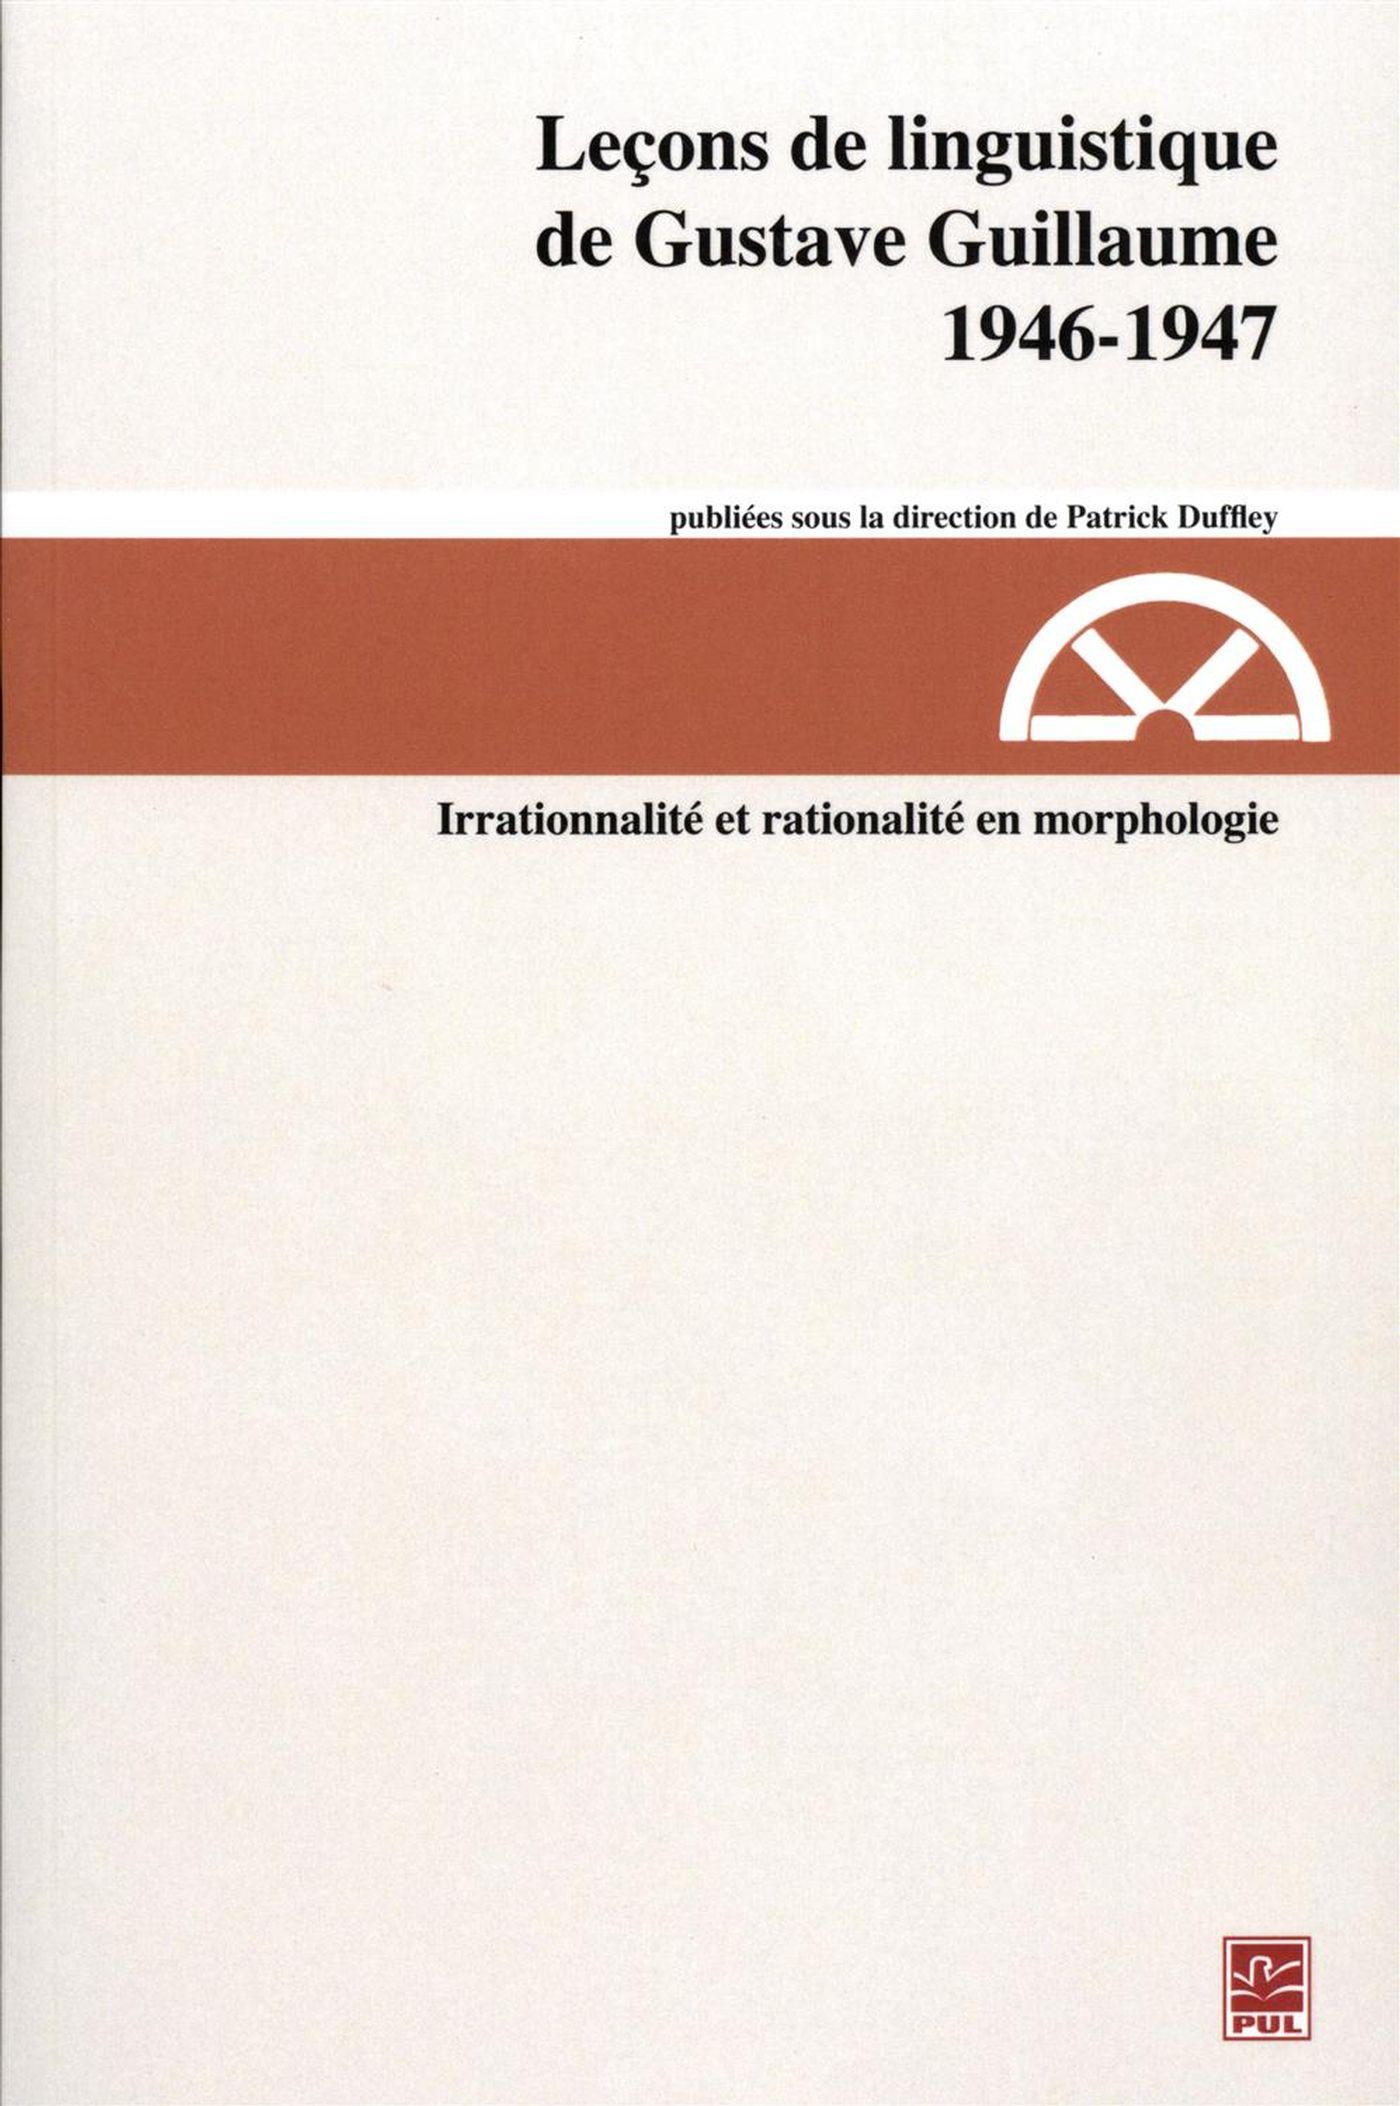 Leçons de linguistique de Gustave Guillaume, 1946-1947